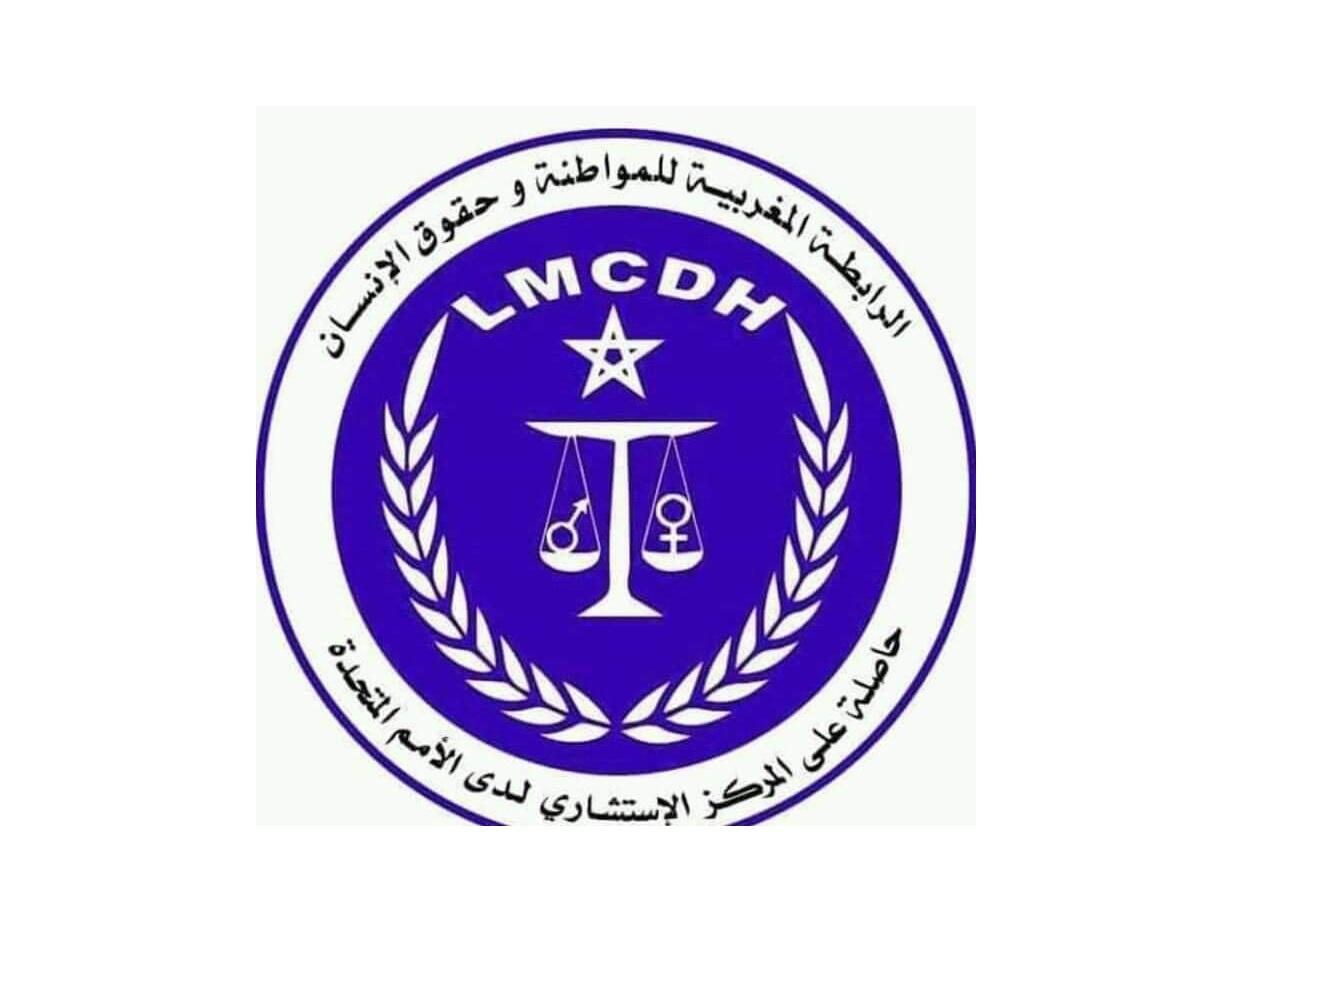 بلاغ  الرابطة المغربية للمواطنة وحقوق الانسان